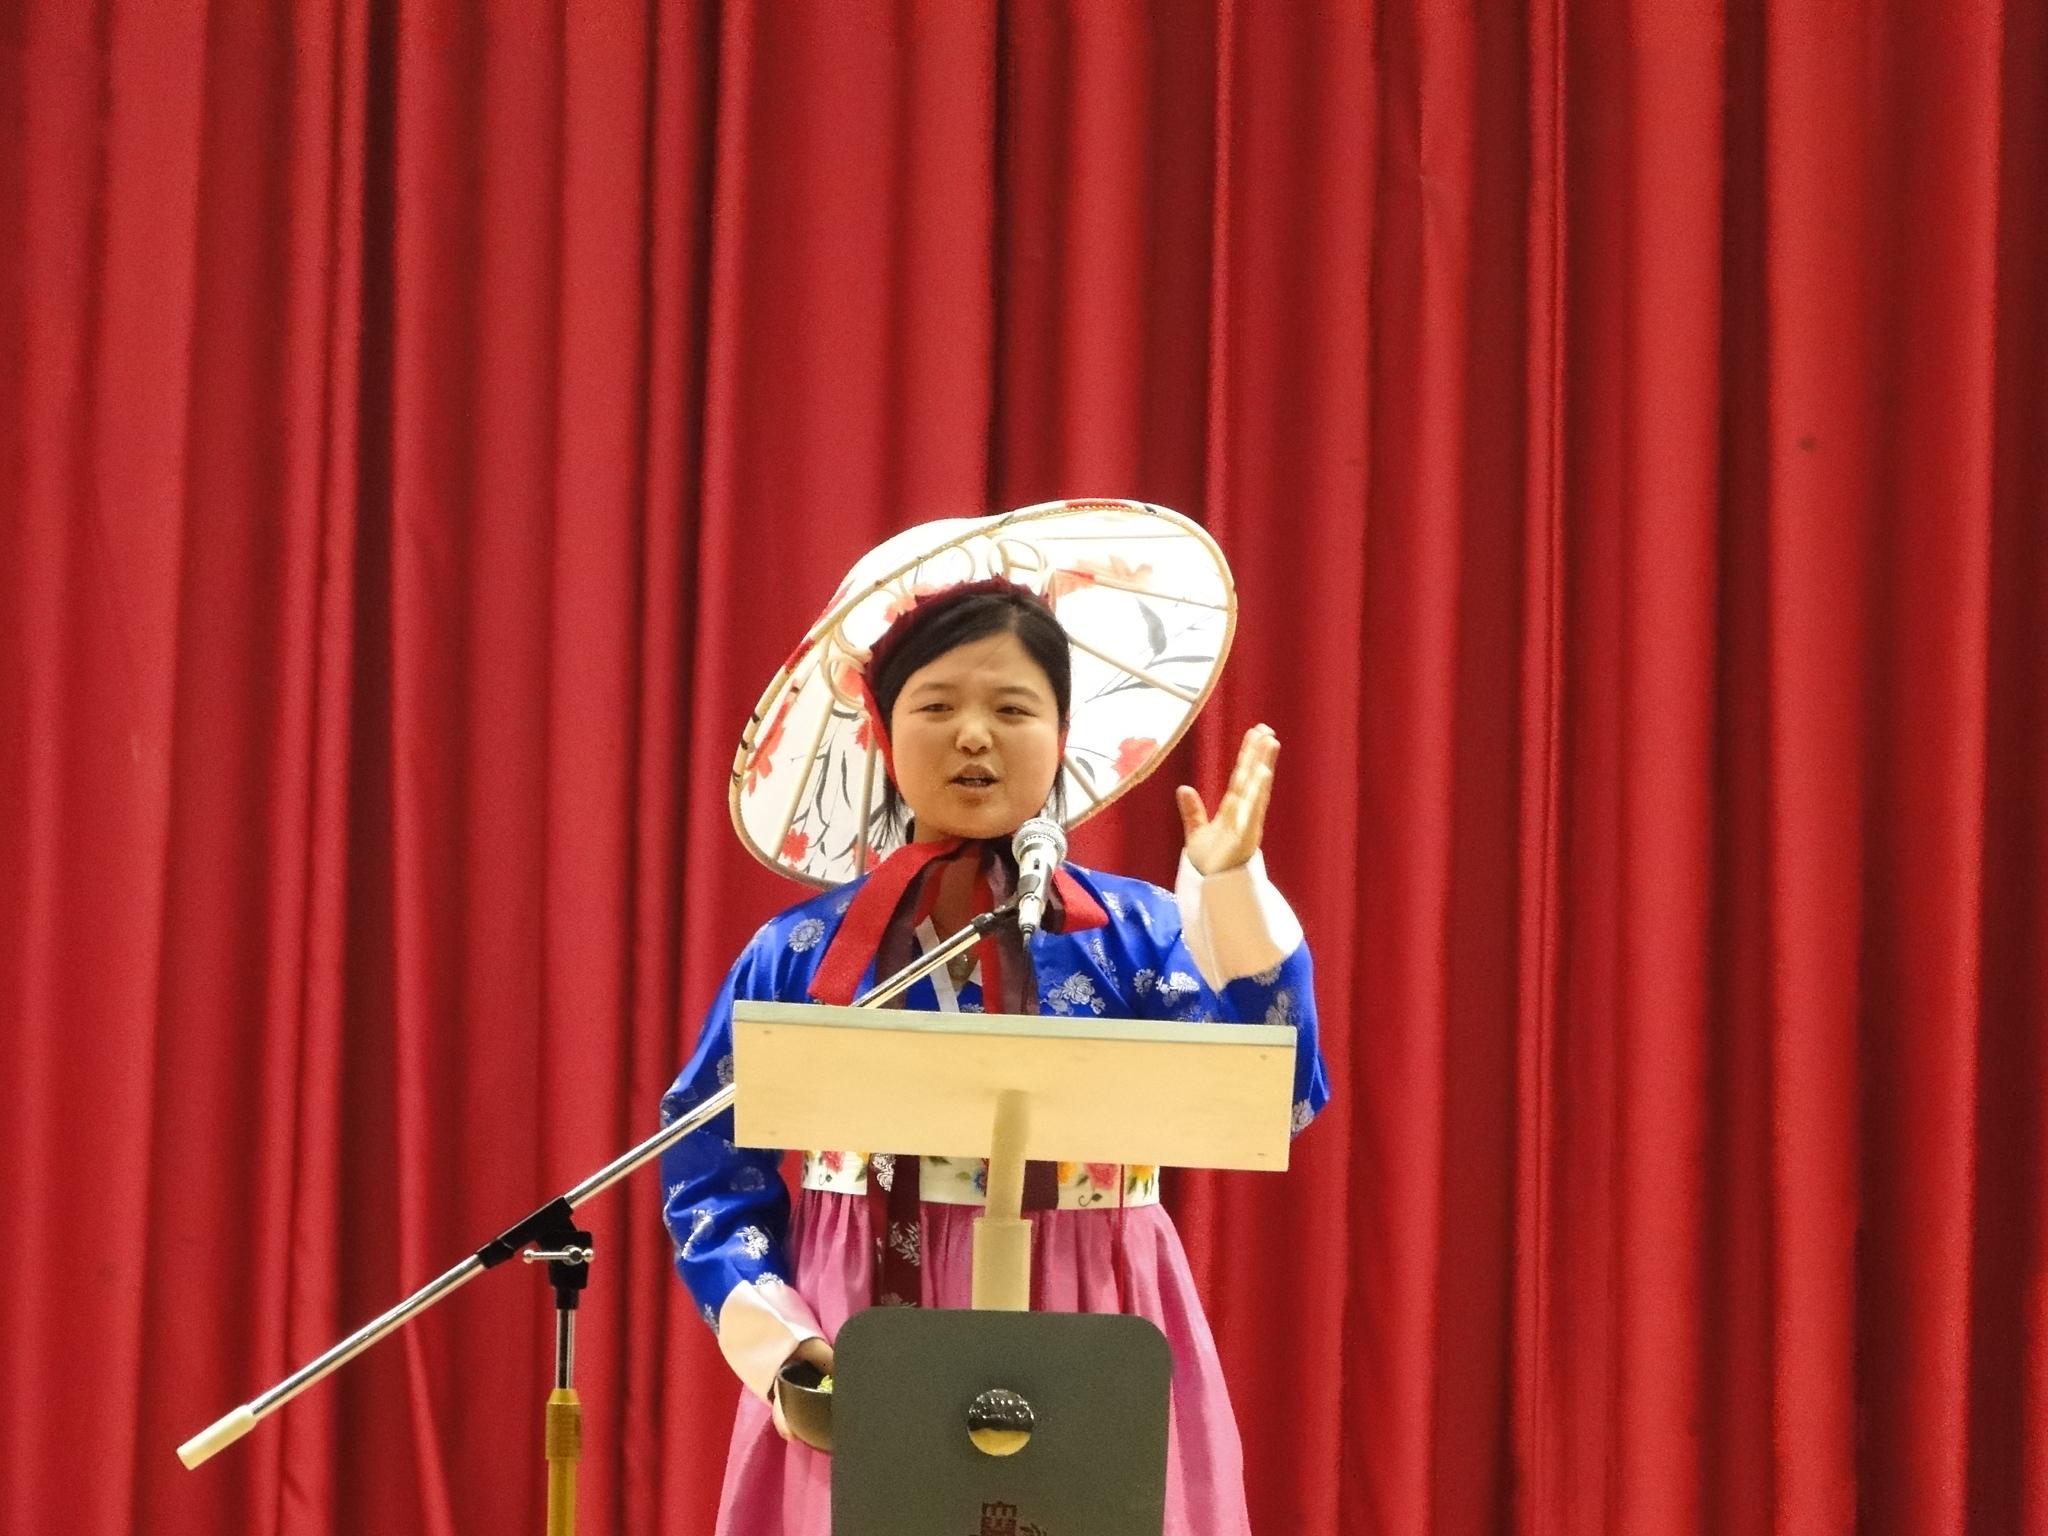 『제 14회 세계 외국인 한국어 말하기 대회』 후원(1)